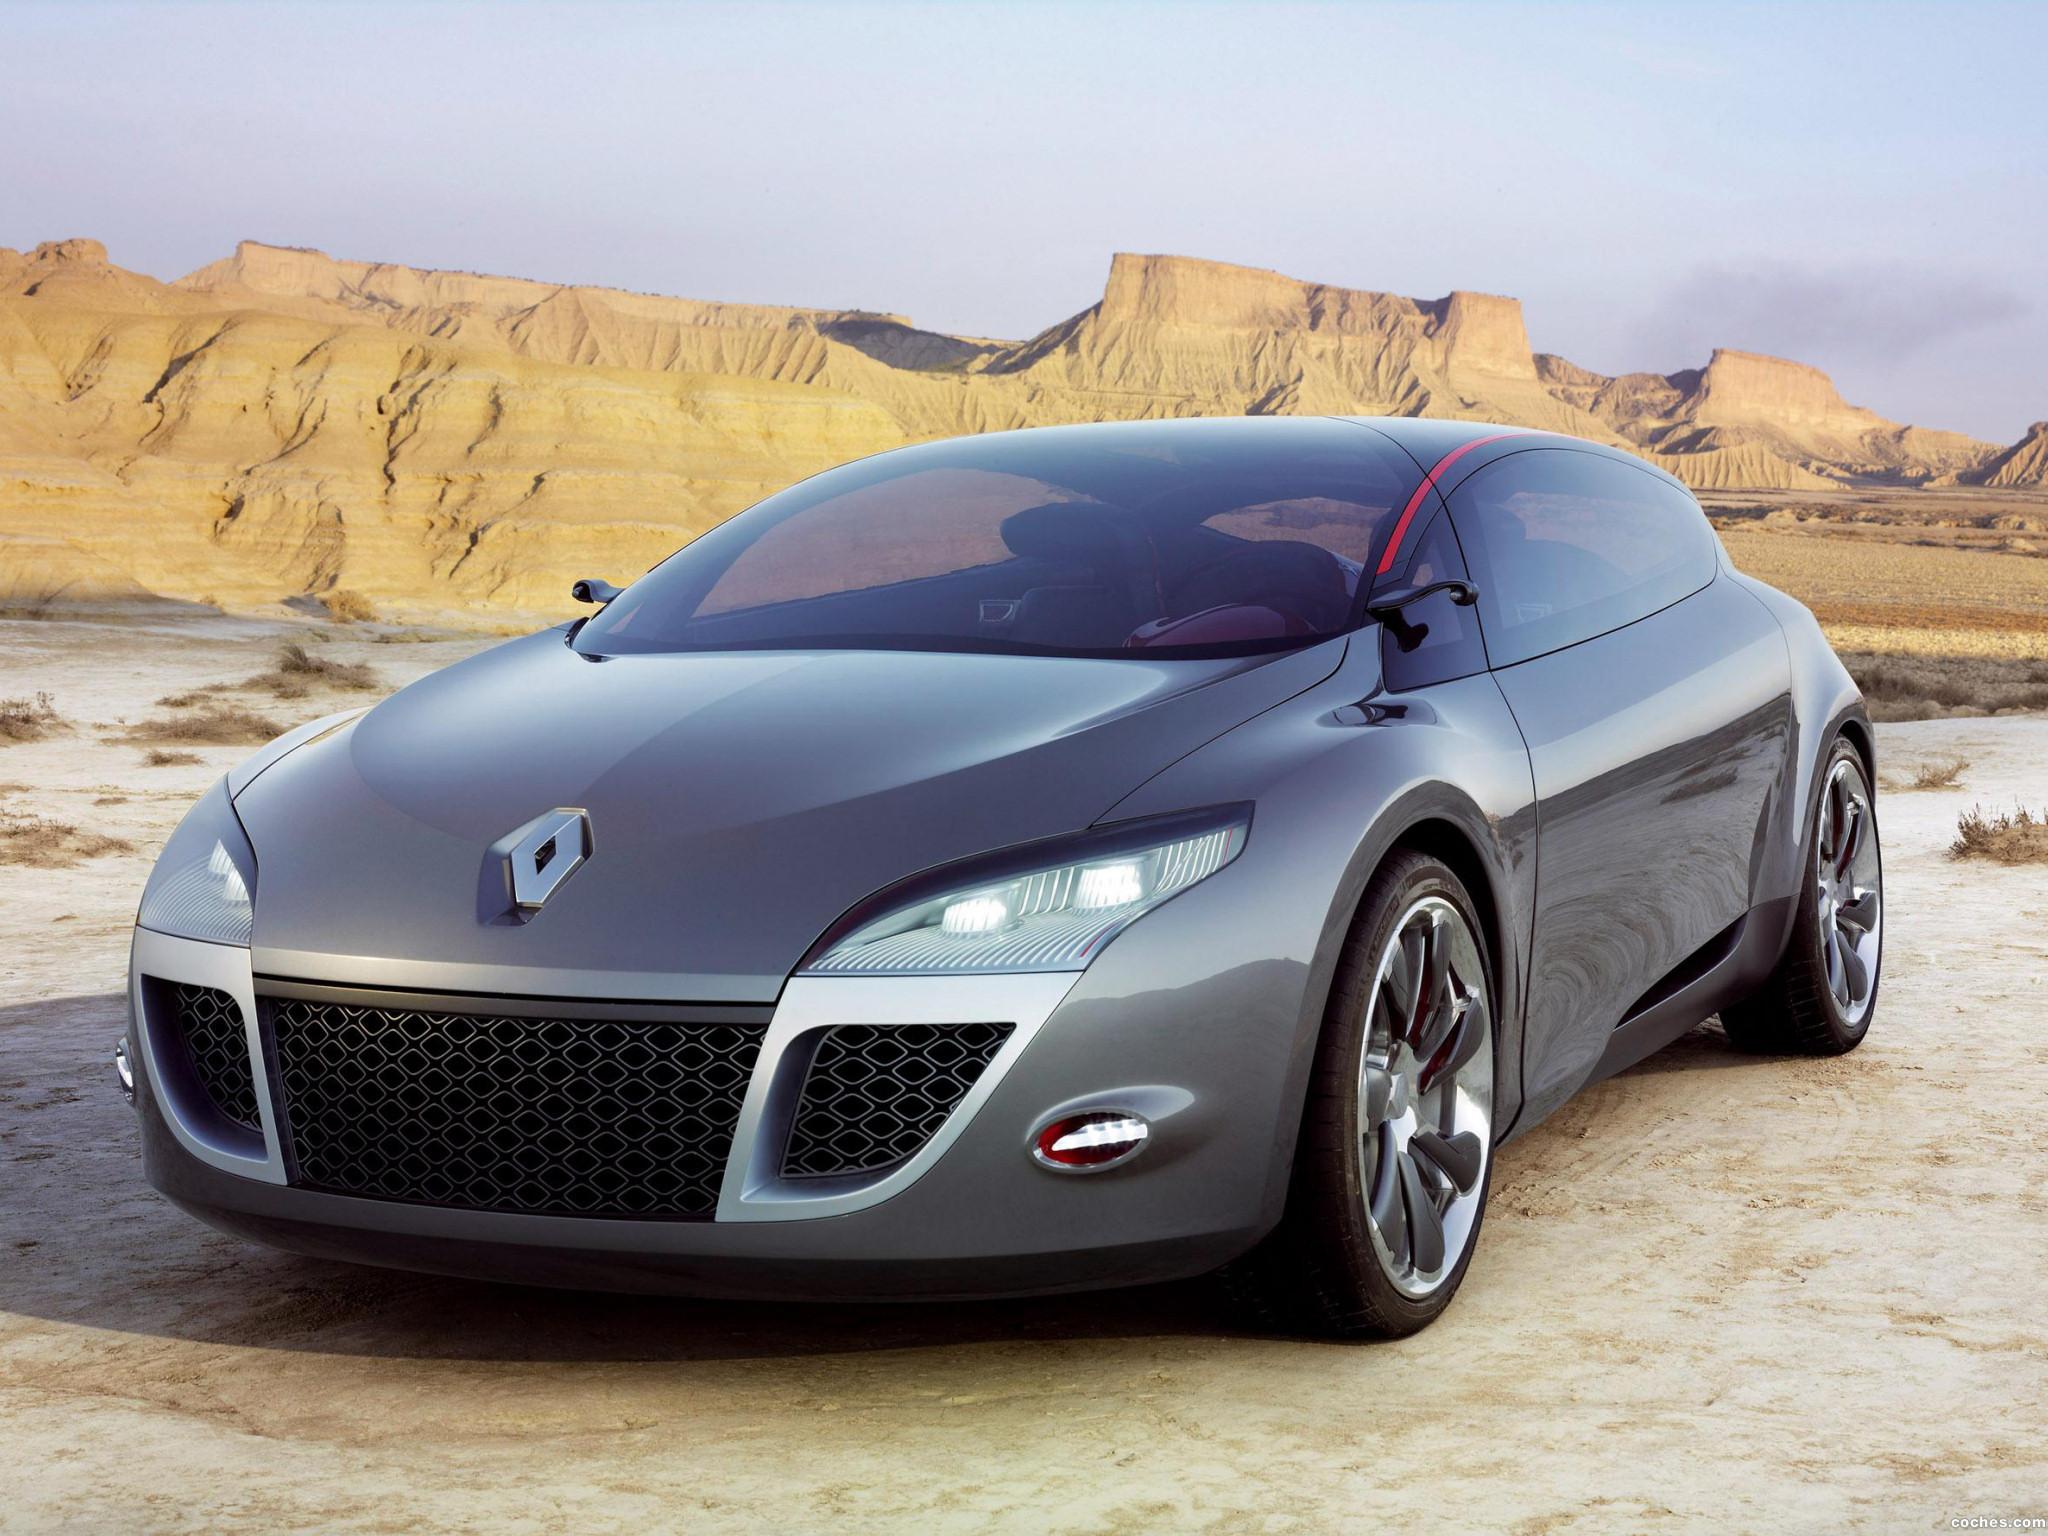 Foto 6 de Renault Megane Coupe Concept 2008